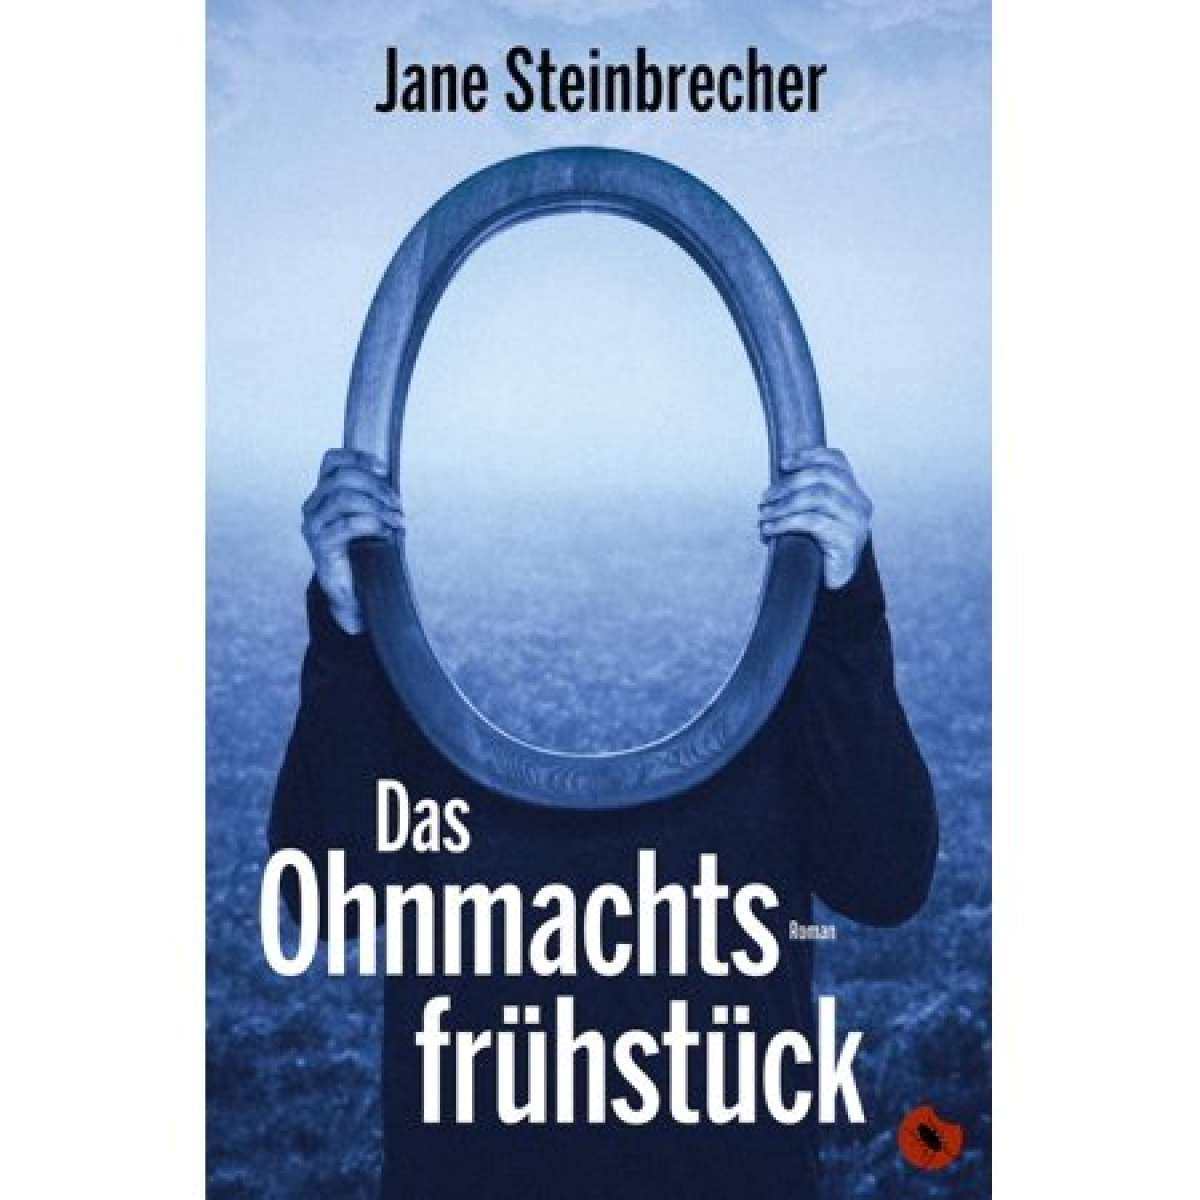 Das Ohnmachtsfrühstück - Jane Steinbrecher - Internet - Weltweit Online